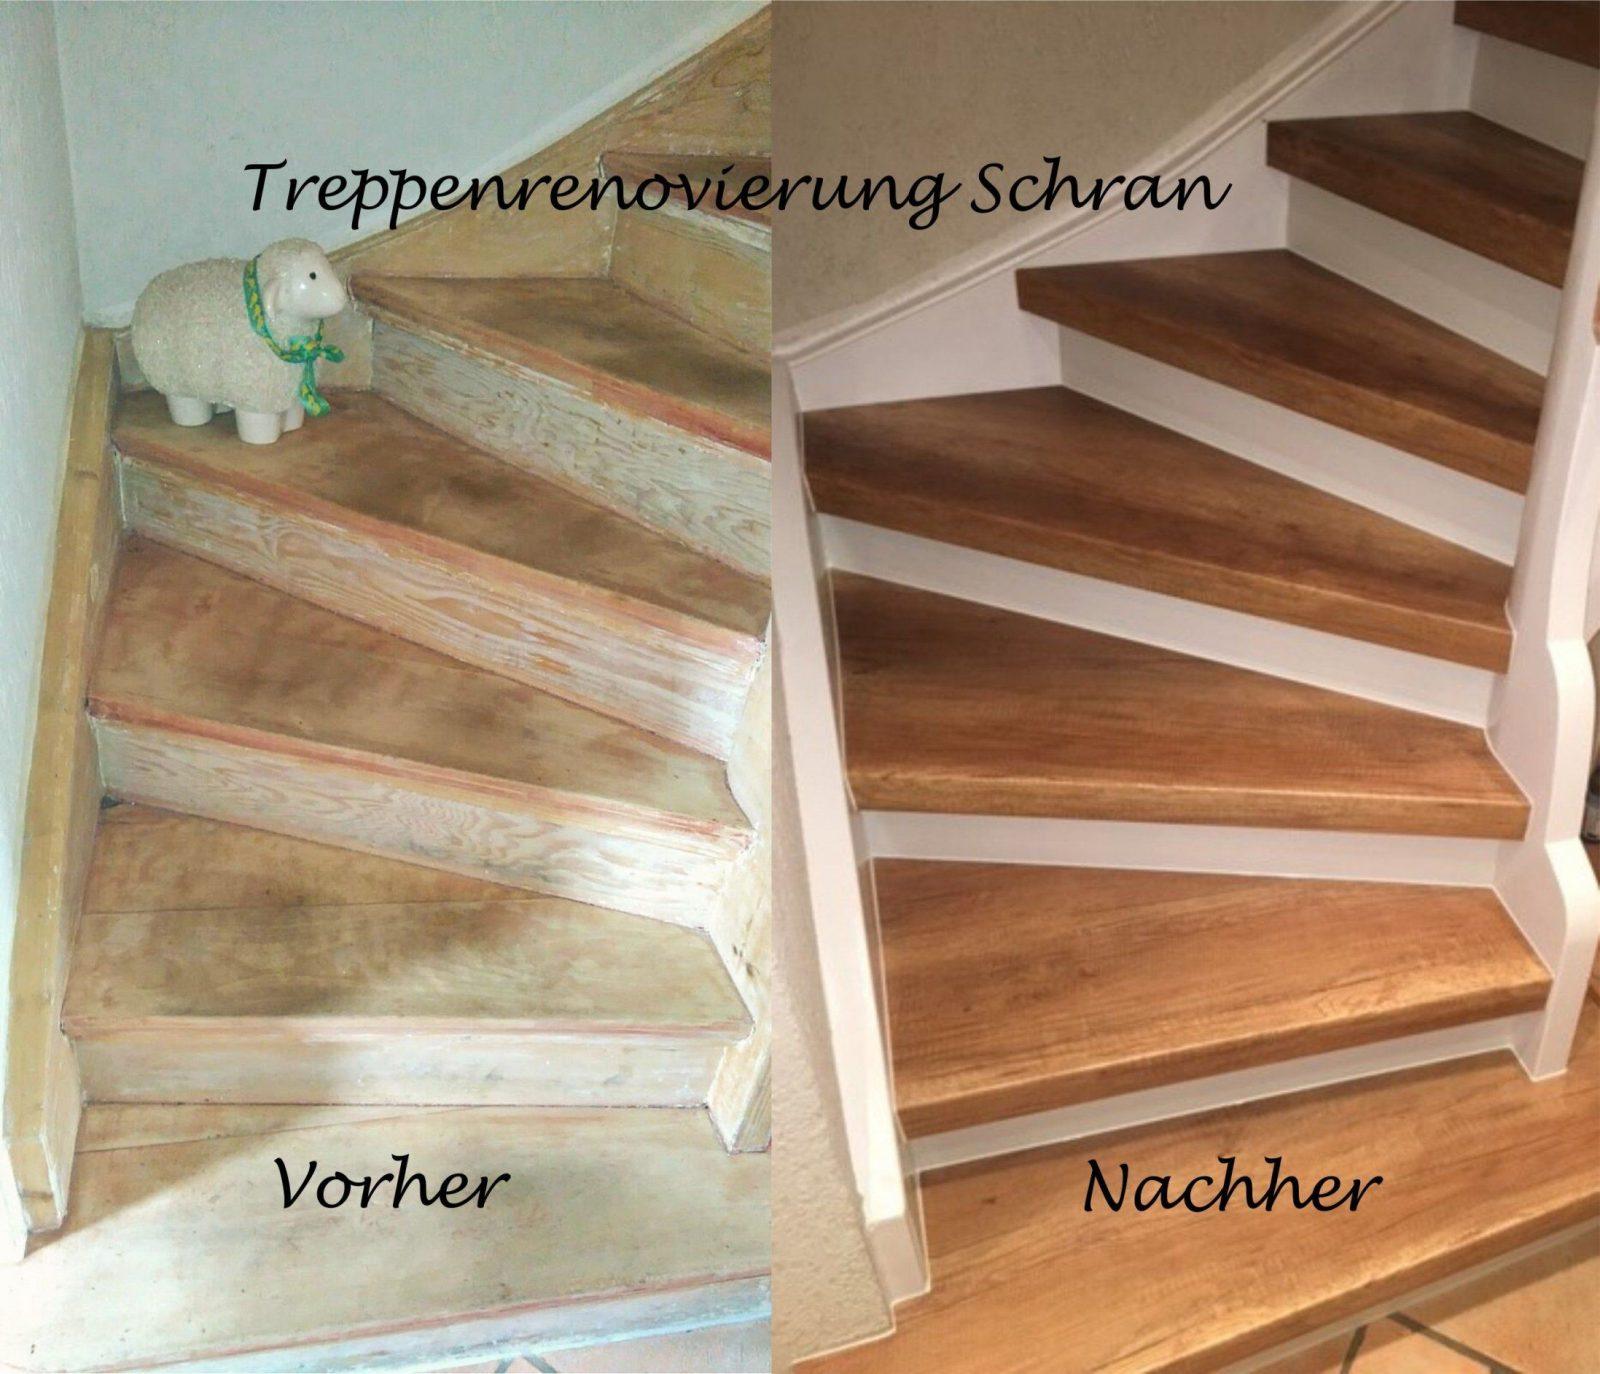 Treppenrenovierung Mit Laminatstufen Stufendekor Eiche Vintage von Treppe Renovieren Vorher Nachher Photo